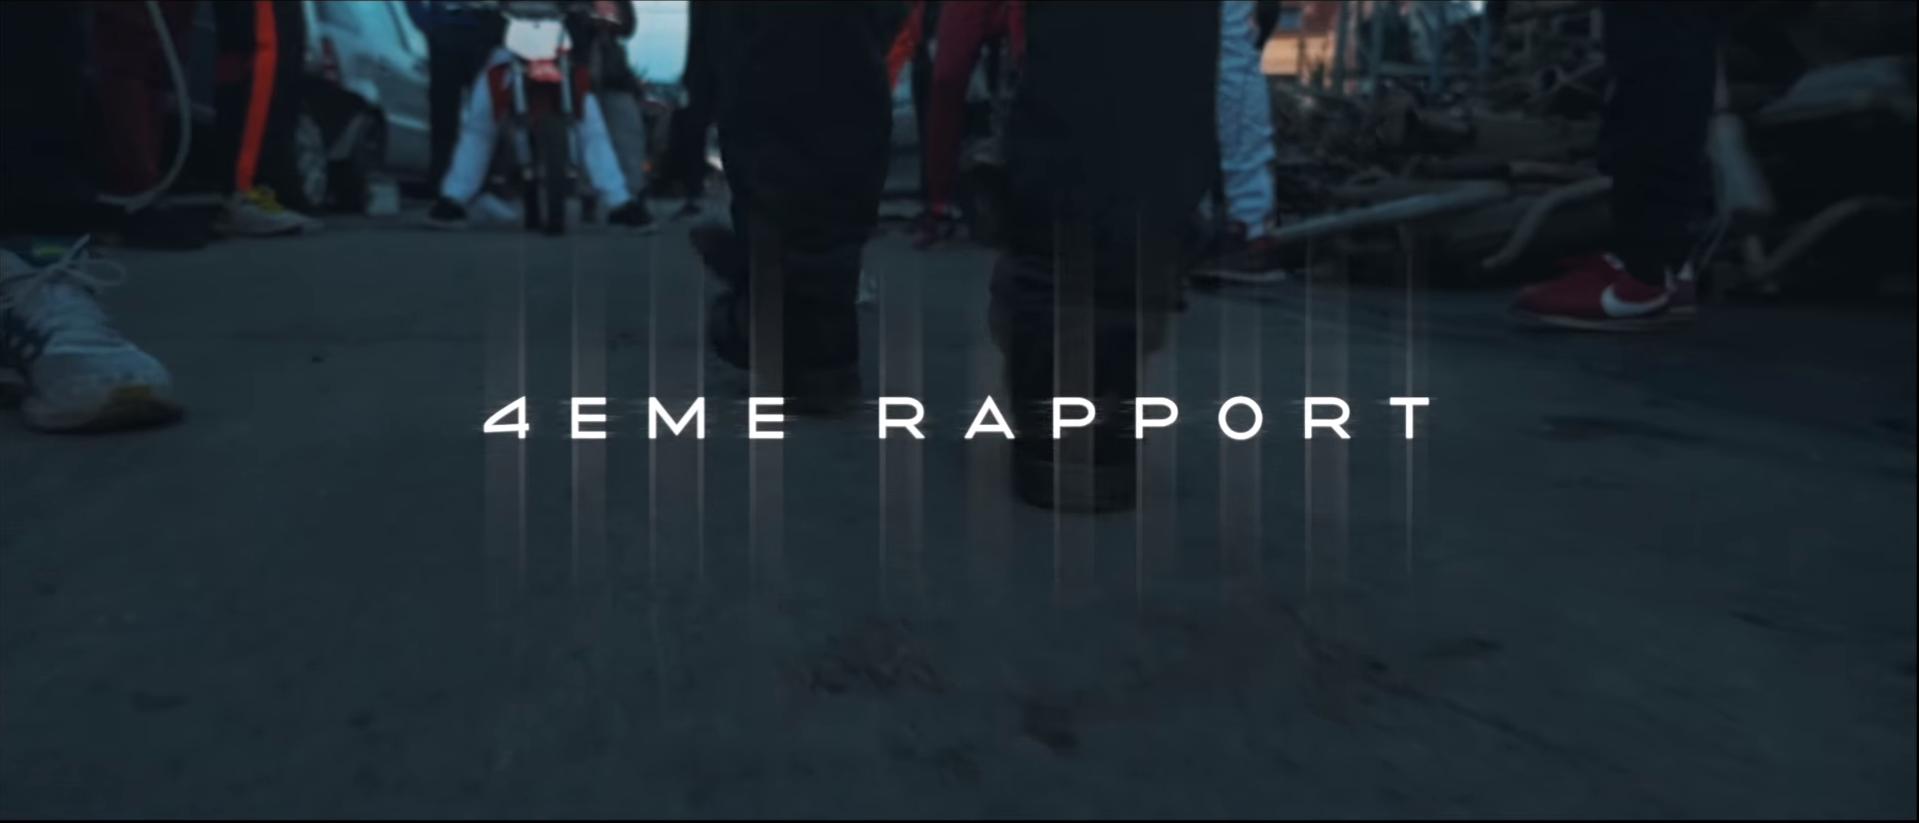 Timal – 4ème Rapport (Clip Officiel)